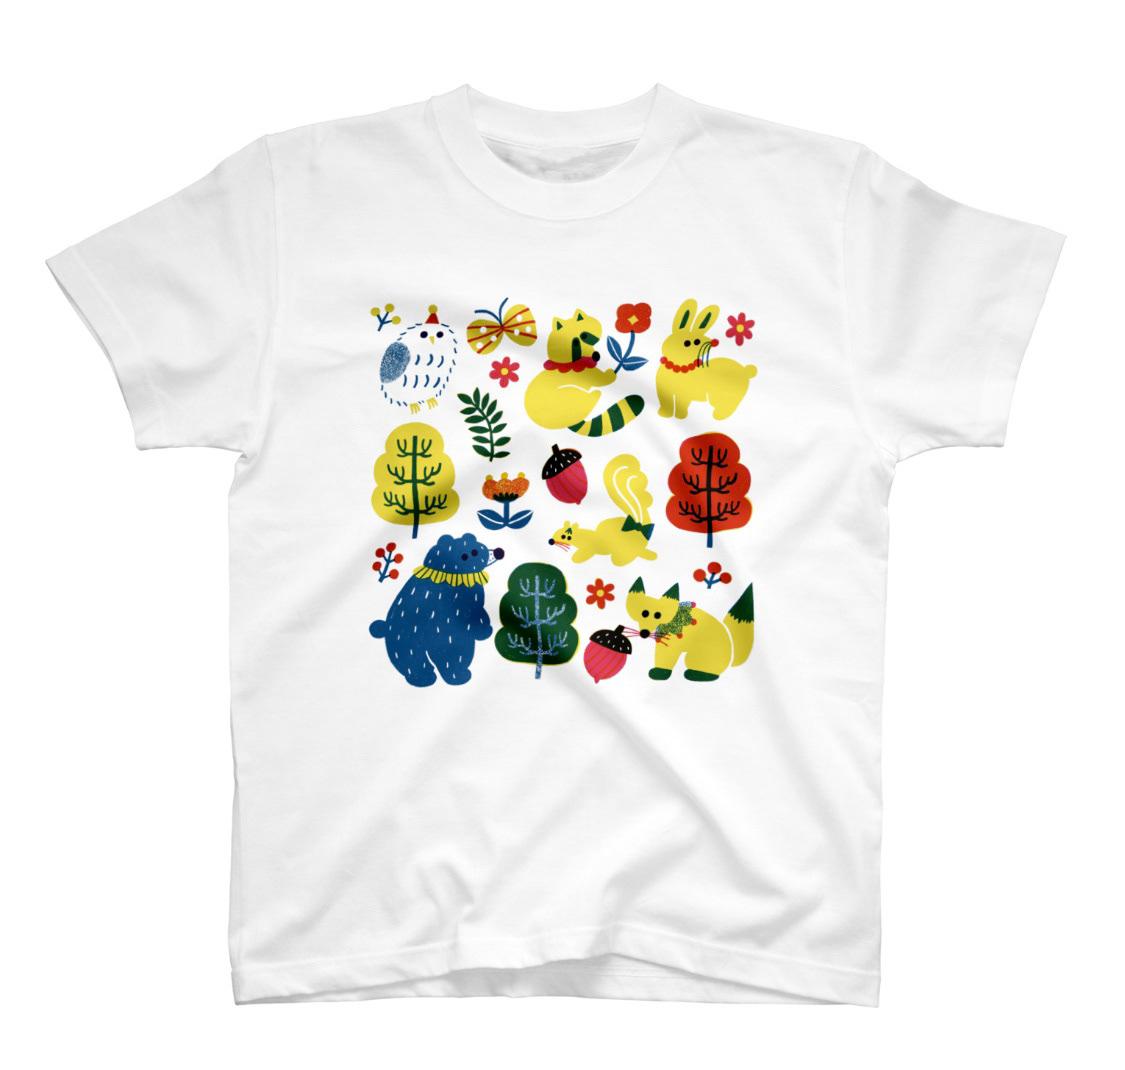 Image may contain: clothing, active shirt and t-shirt